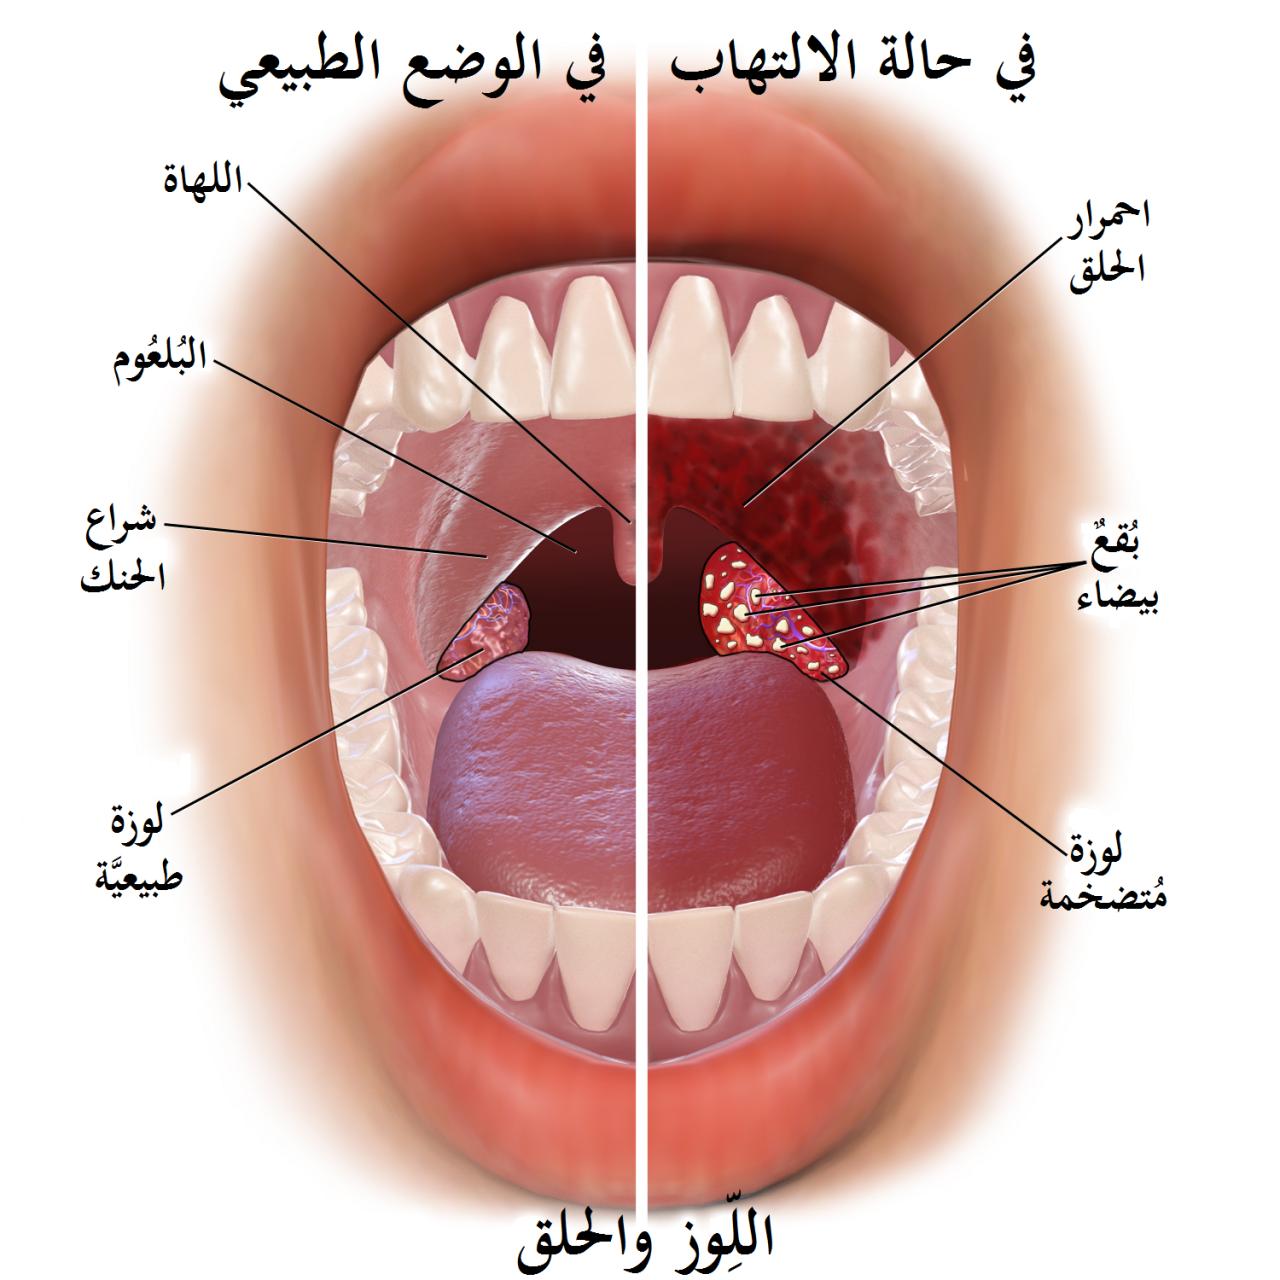 صورة الم في الحلق عند البلع , التهاب الحلق يؤلمنى فما هو السبب